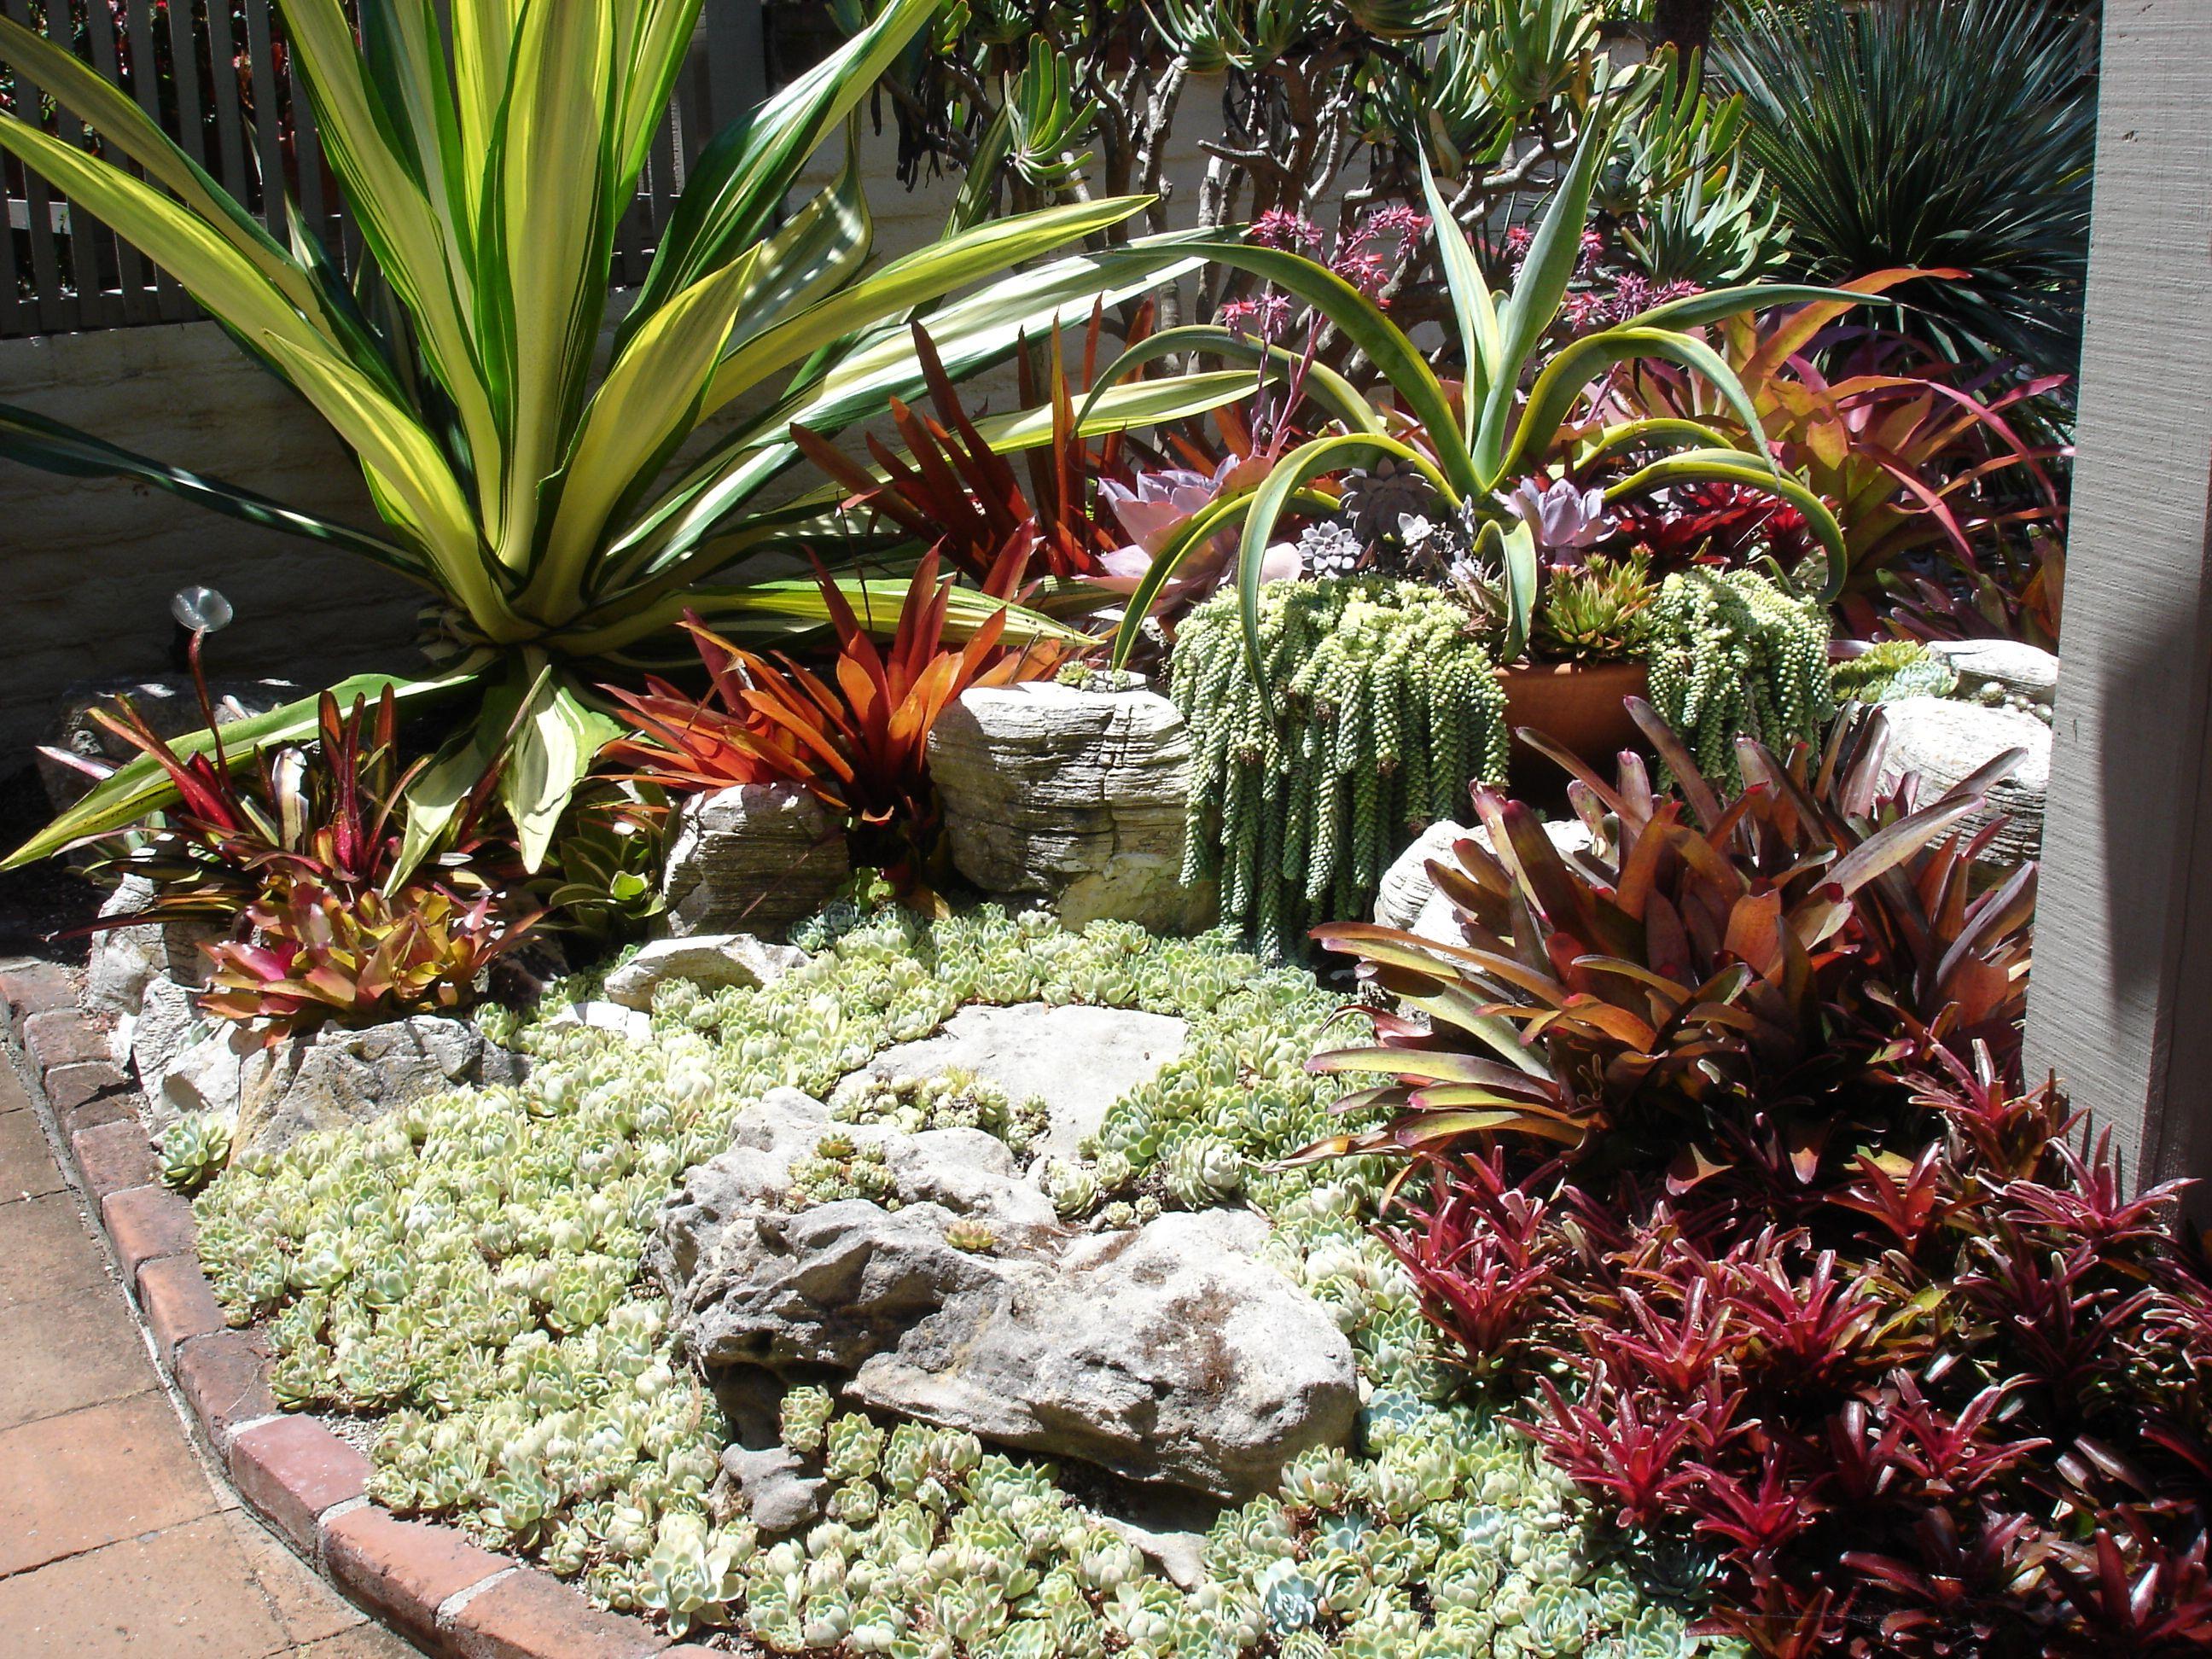 cactus & succulent garden design